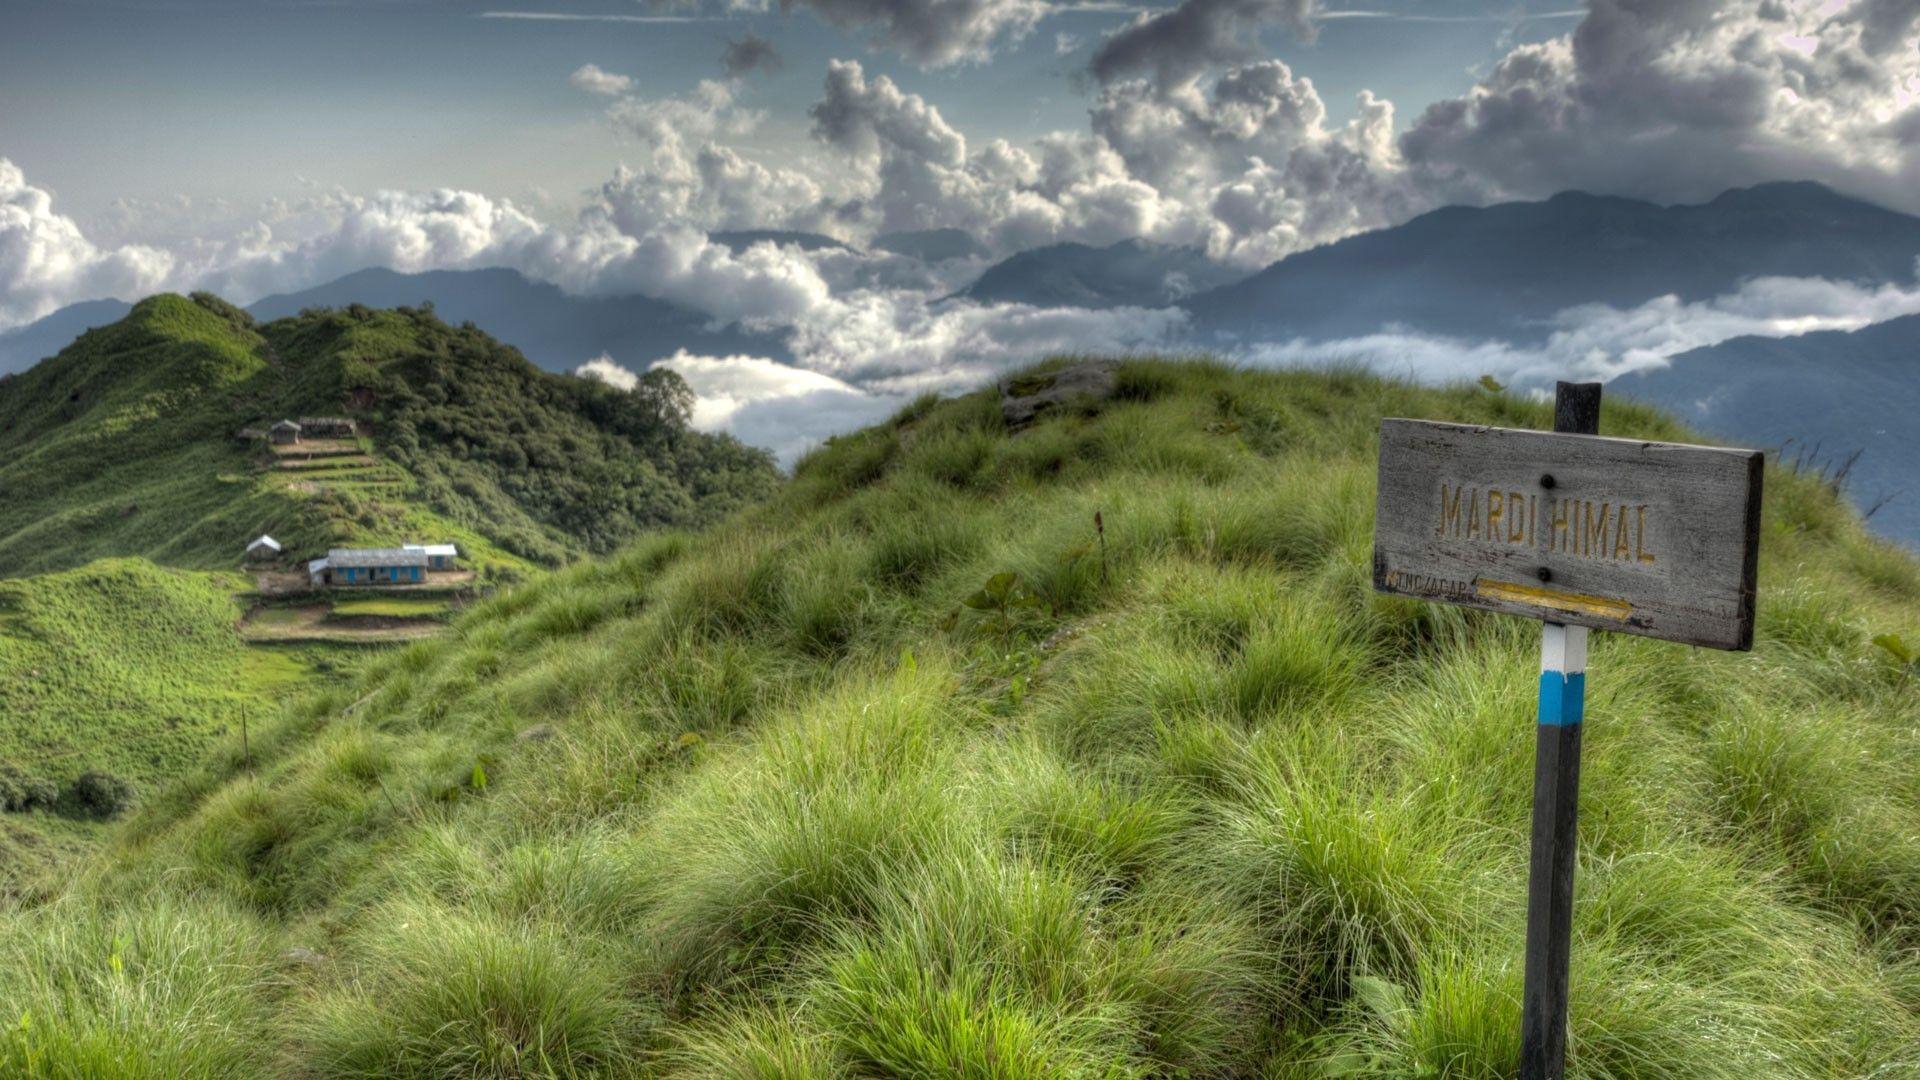 Annapurna mardi himal trek